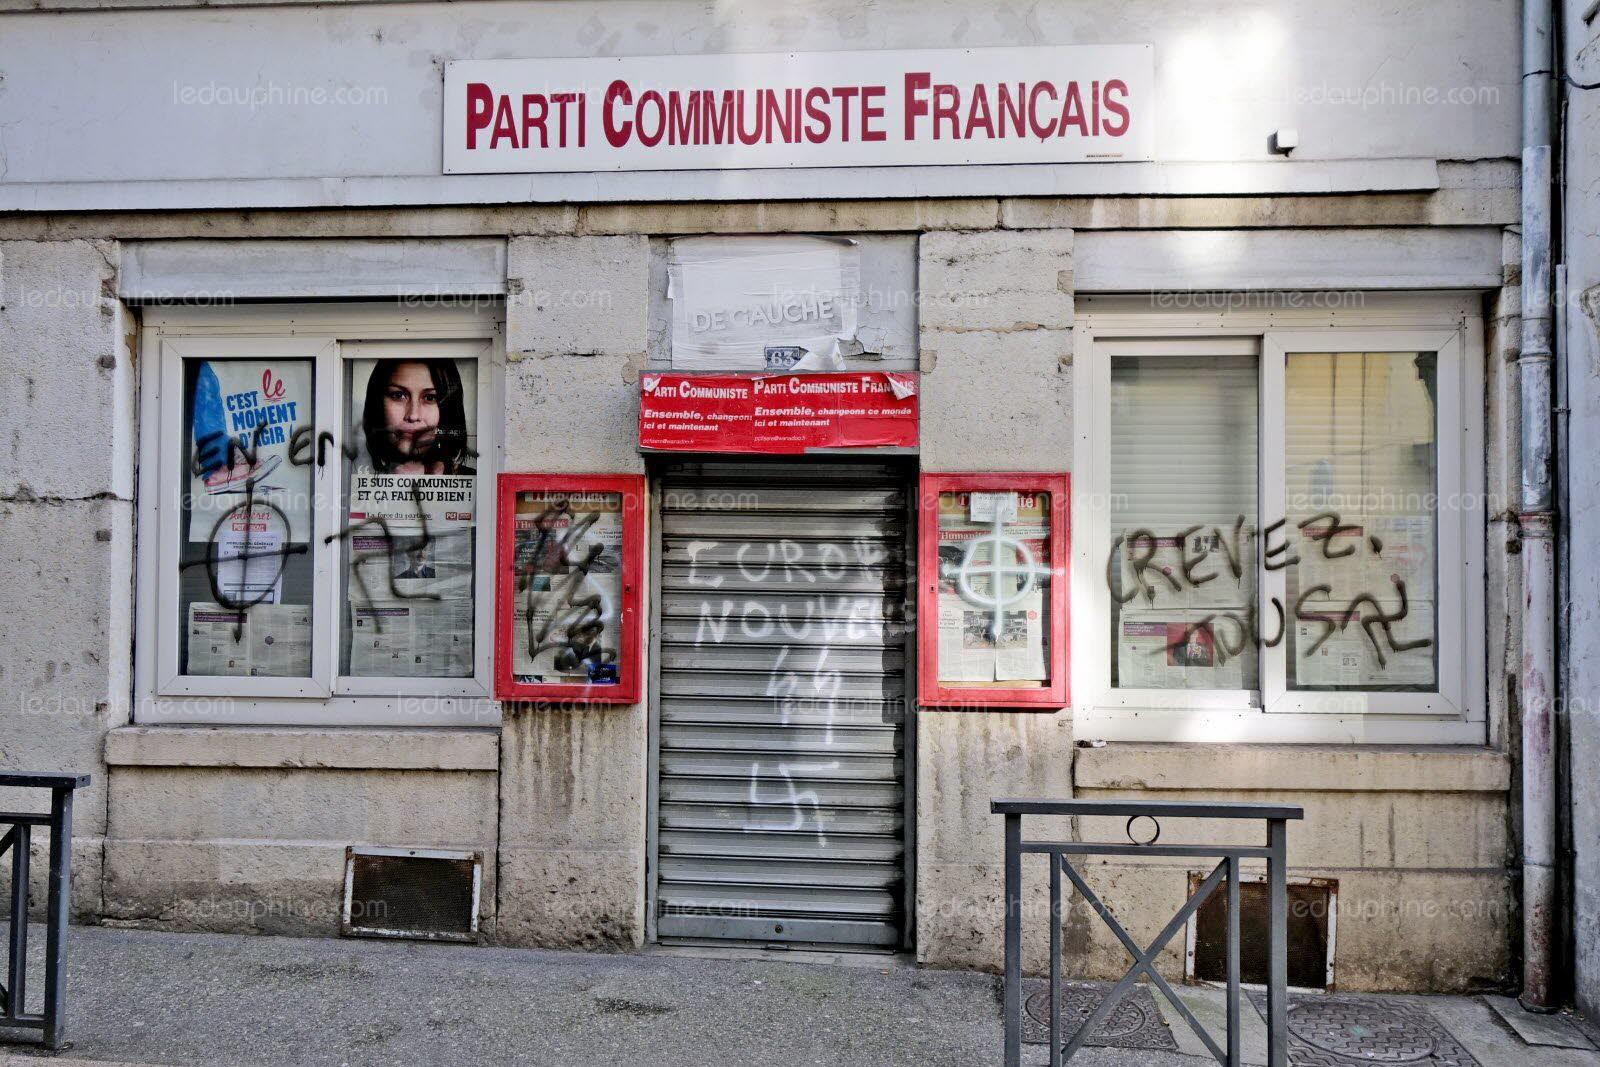 Vienne  stupeur-pour-les-membres-du-parti-communiste-francais-de-vienne-qui-ont-decouvert-ce-samedi-la-devanture-de-leur-local-situe-rue-de-bourgogne-taguee-photo-le-dl-v-w-1549808469.jpg